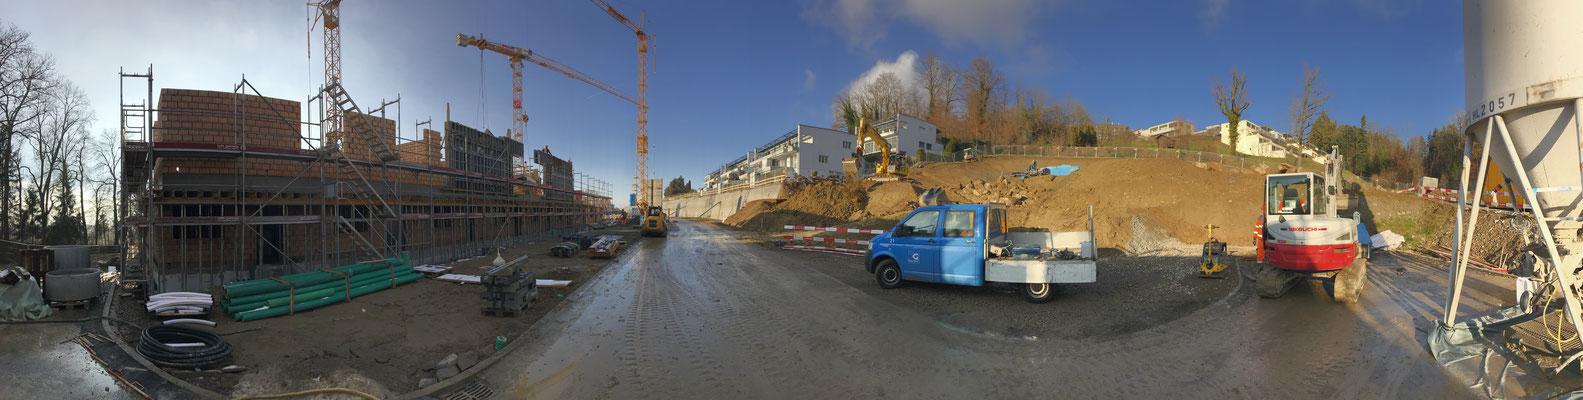 Projekt: Kirschgarten Schenkon ¦ ©Leuenberger Architekten